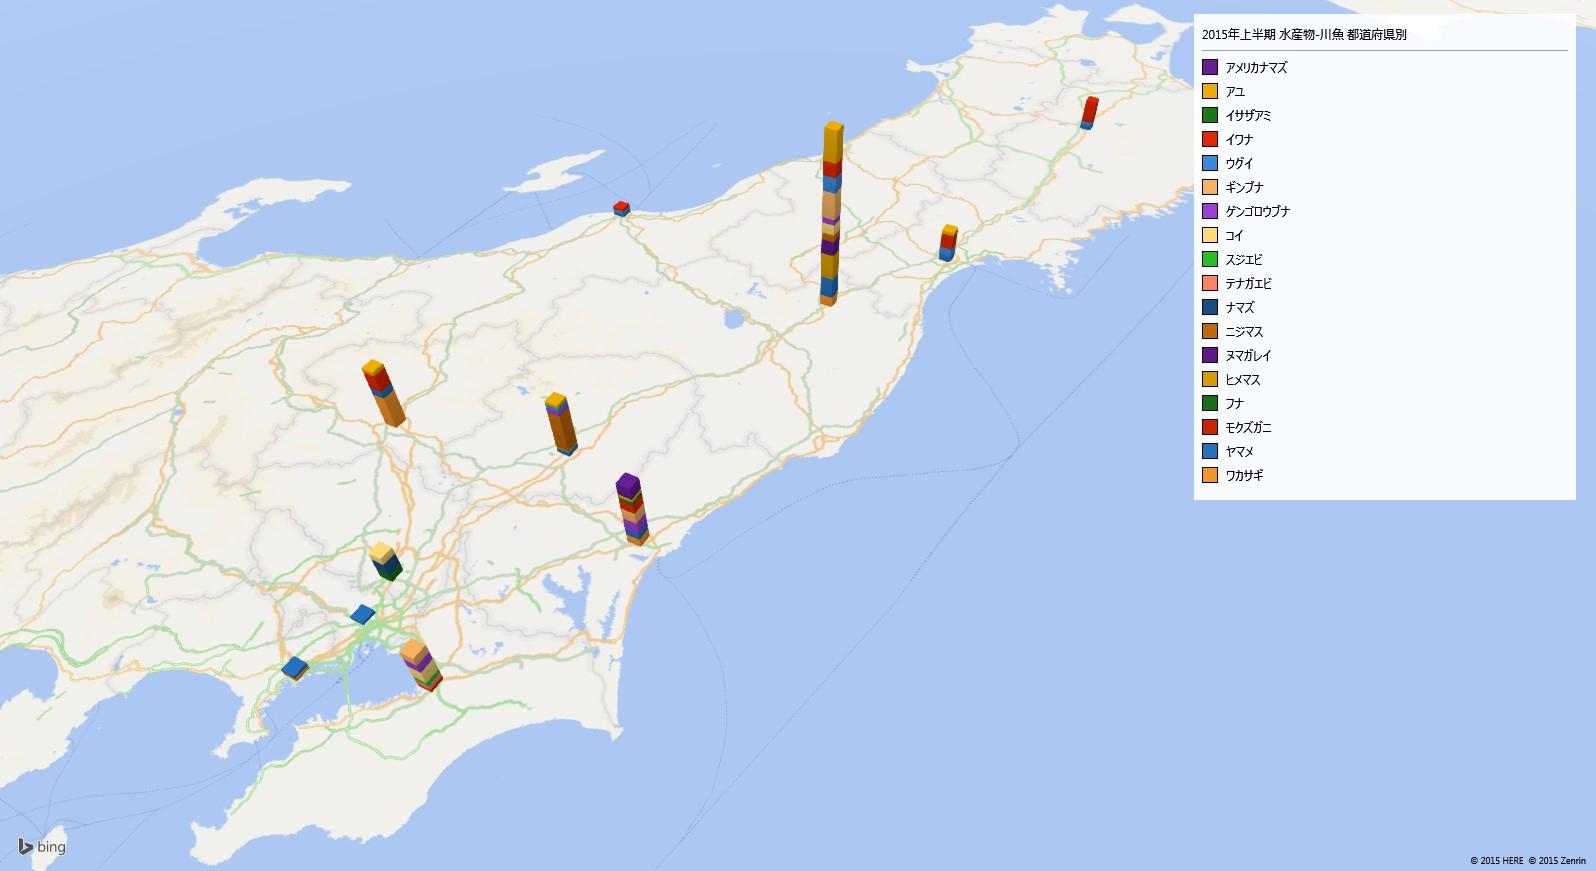 川魚の放射能検査地図(都道府県別)